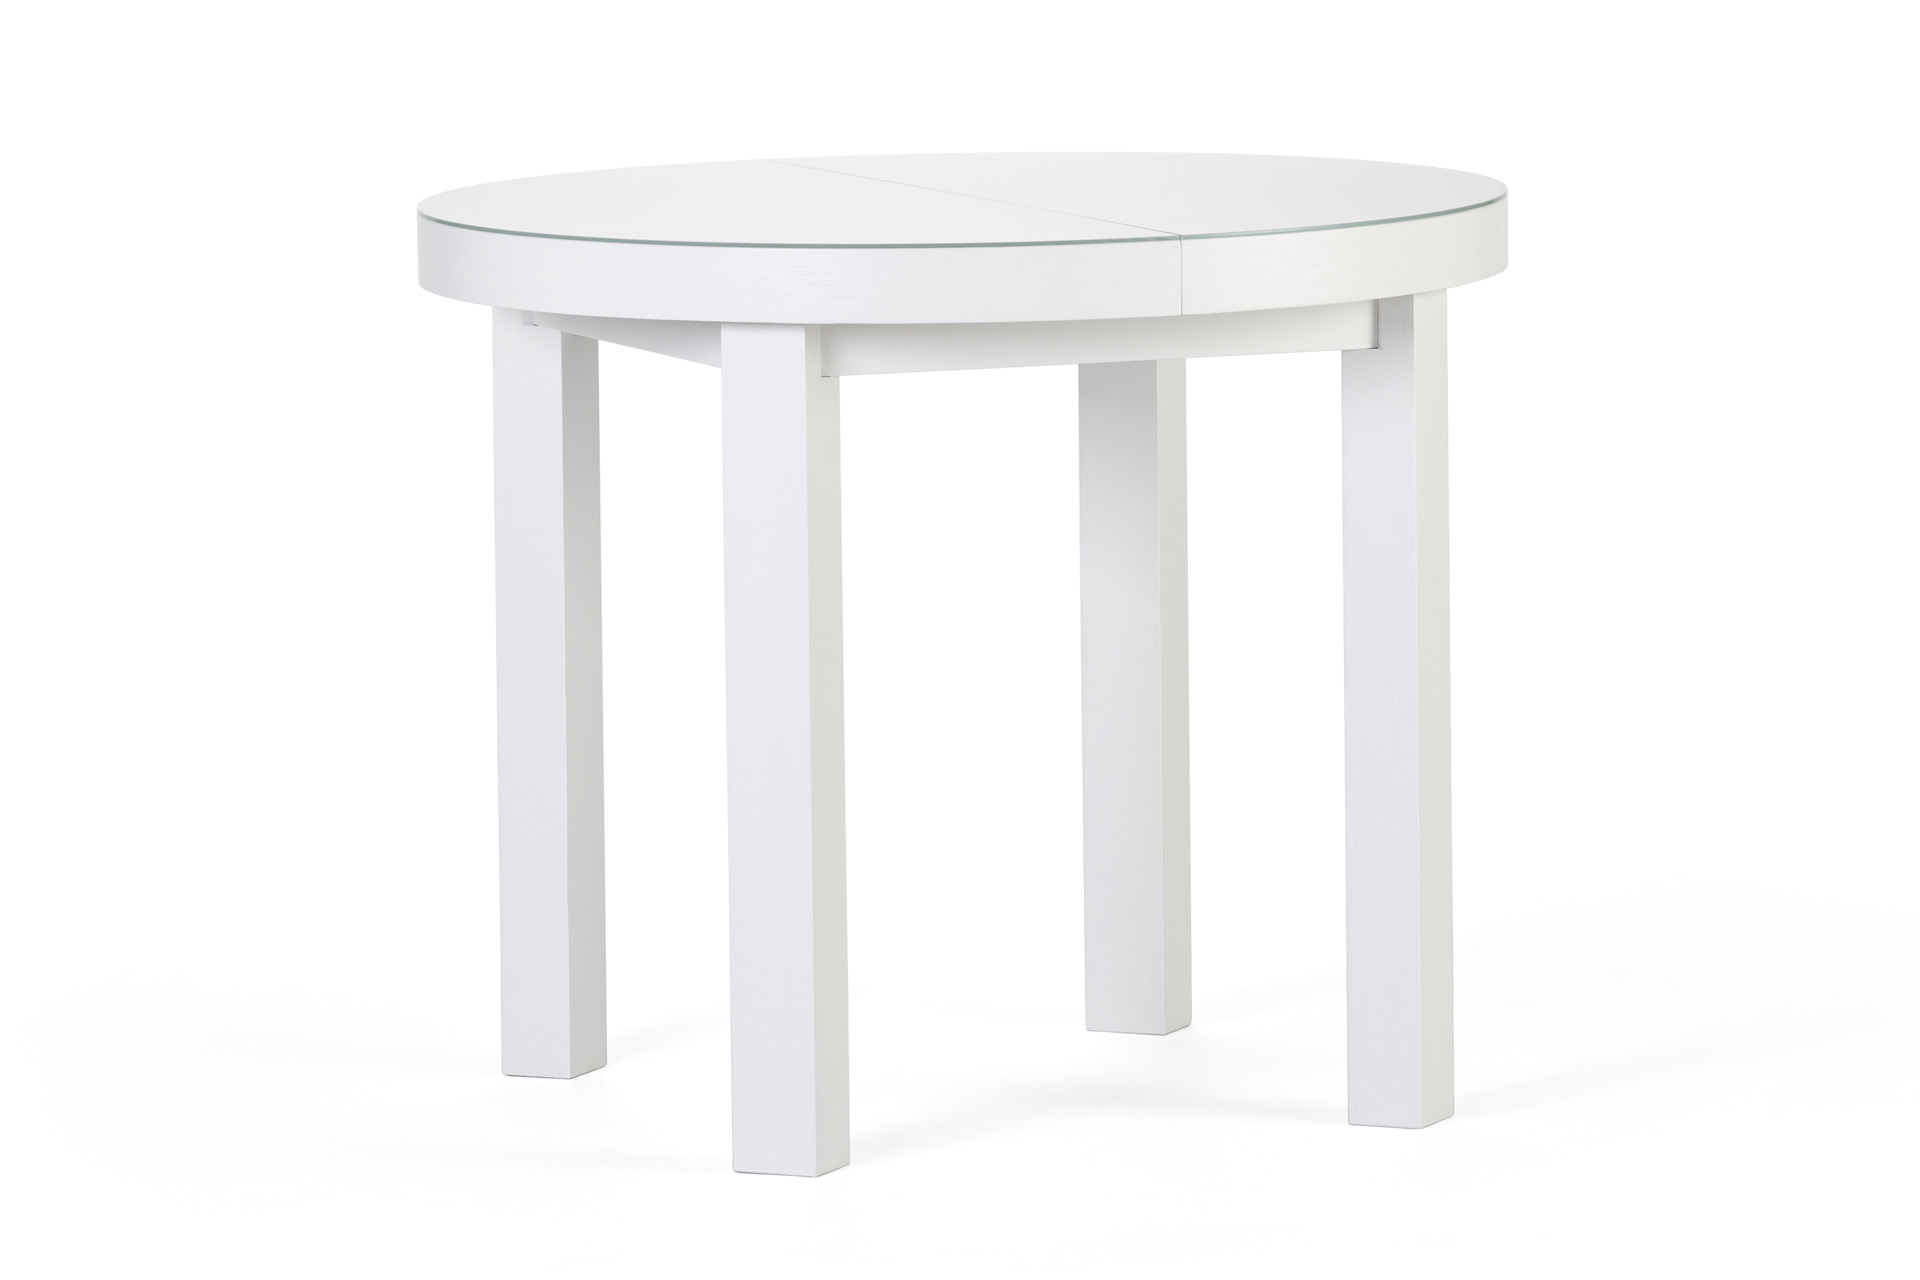 Круглый кухонный стол белого цвета, со стеклянным покрытием столешницы, квадратными ножками и возможностью раскладки